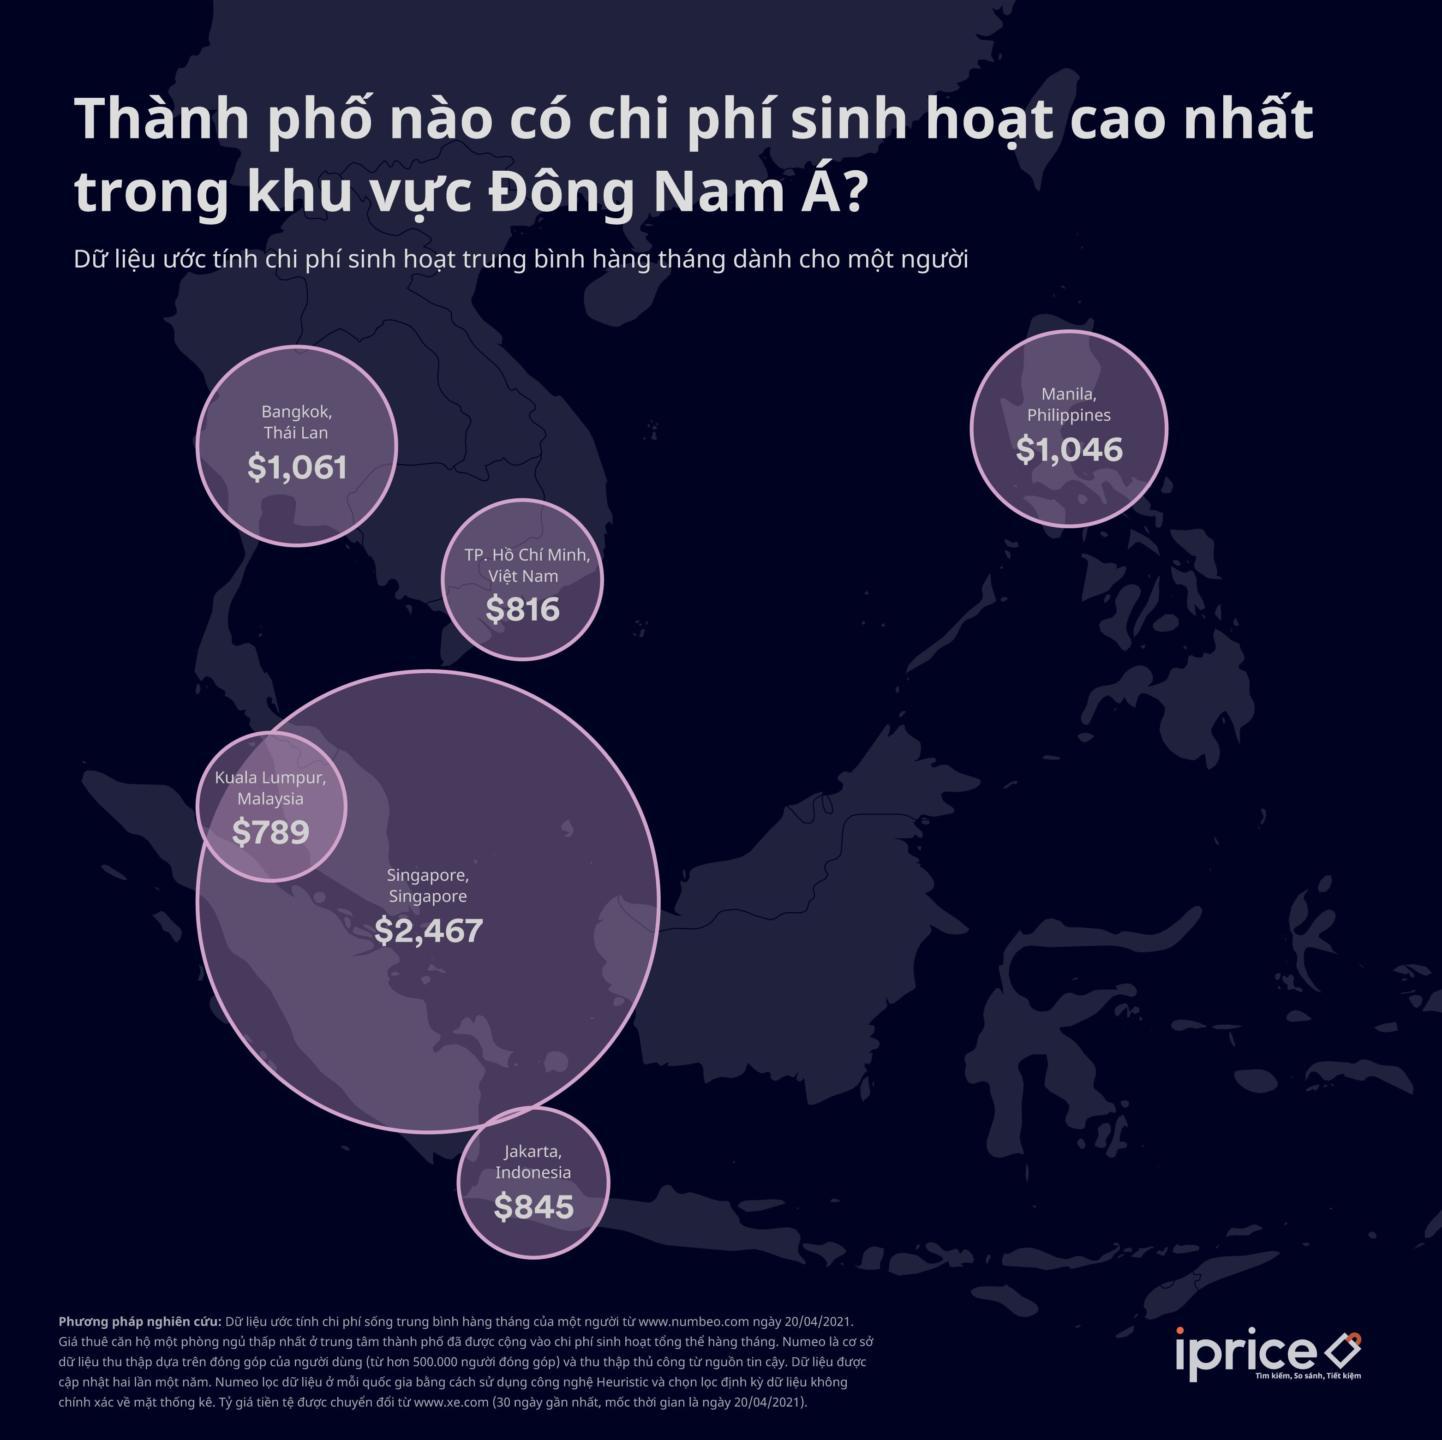 TP.HCM lọt top thành phố có chi phí sinh hoạt rẻ nhất Đông Nam Á